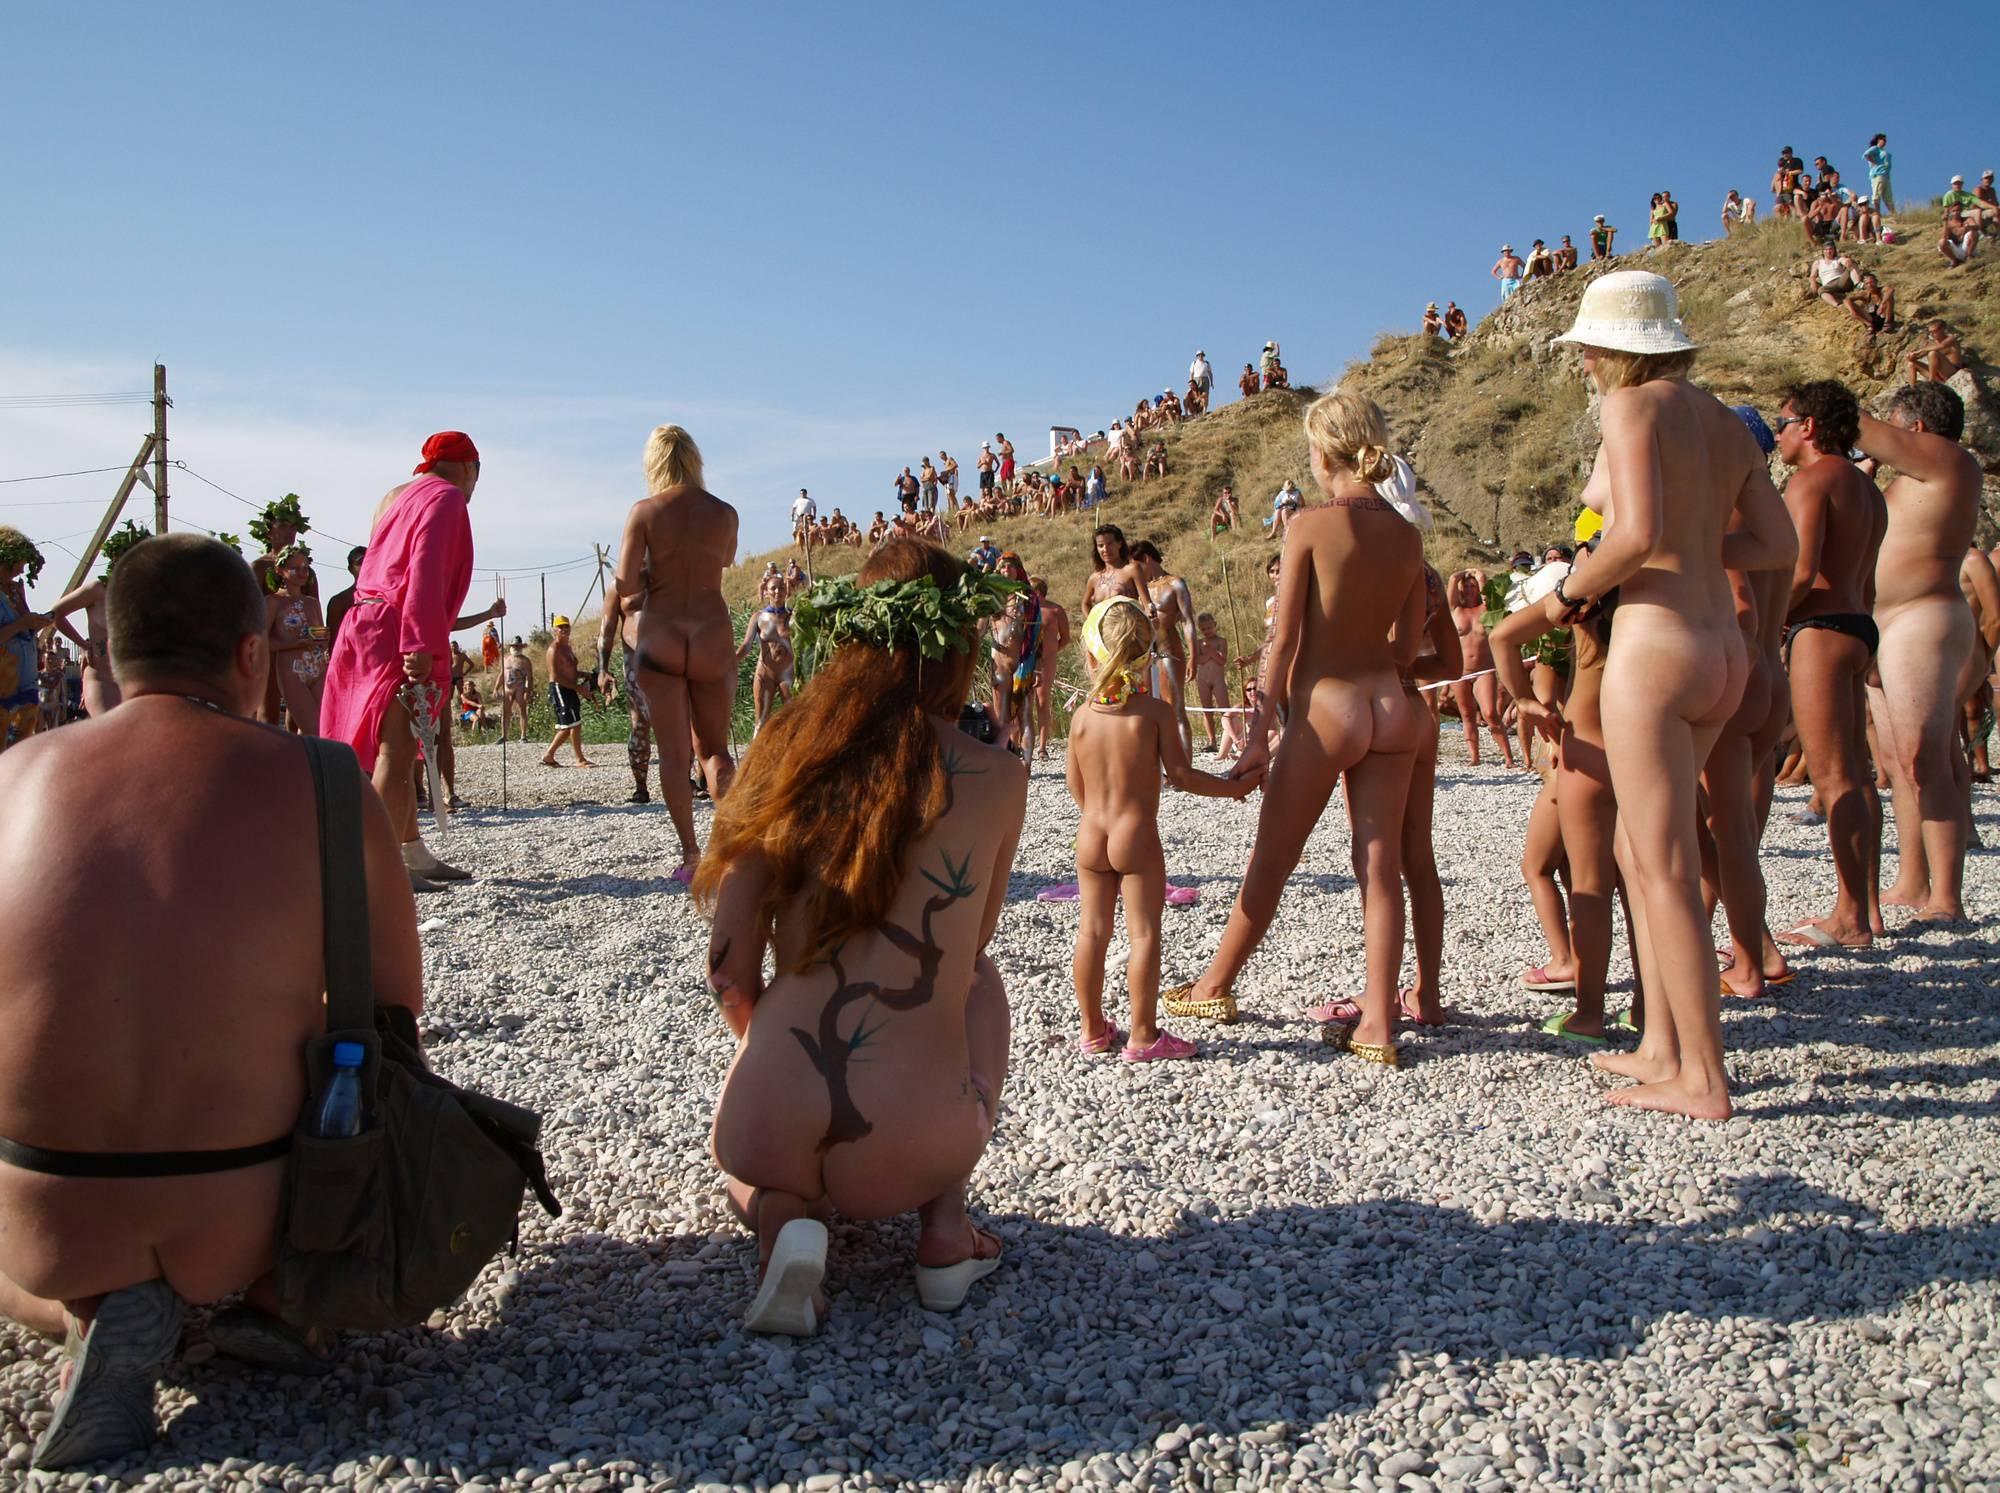 Nudist Beach Tall Soldiers - 1